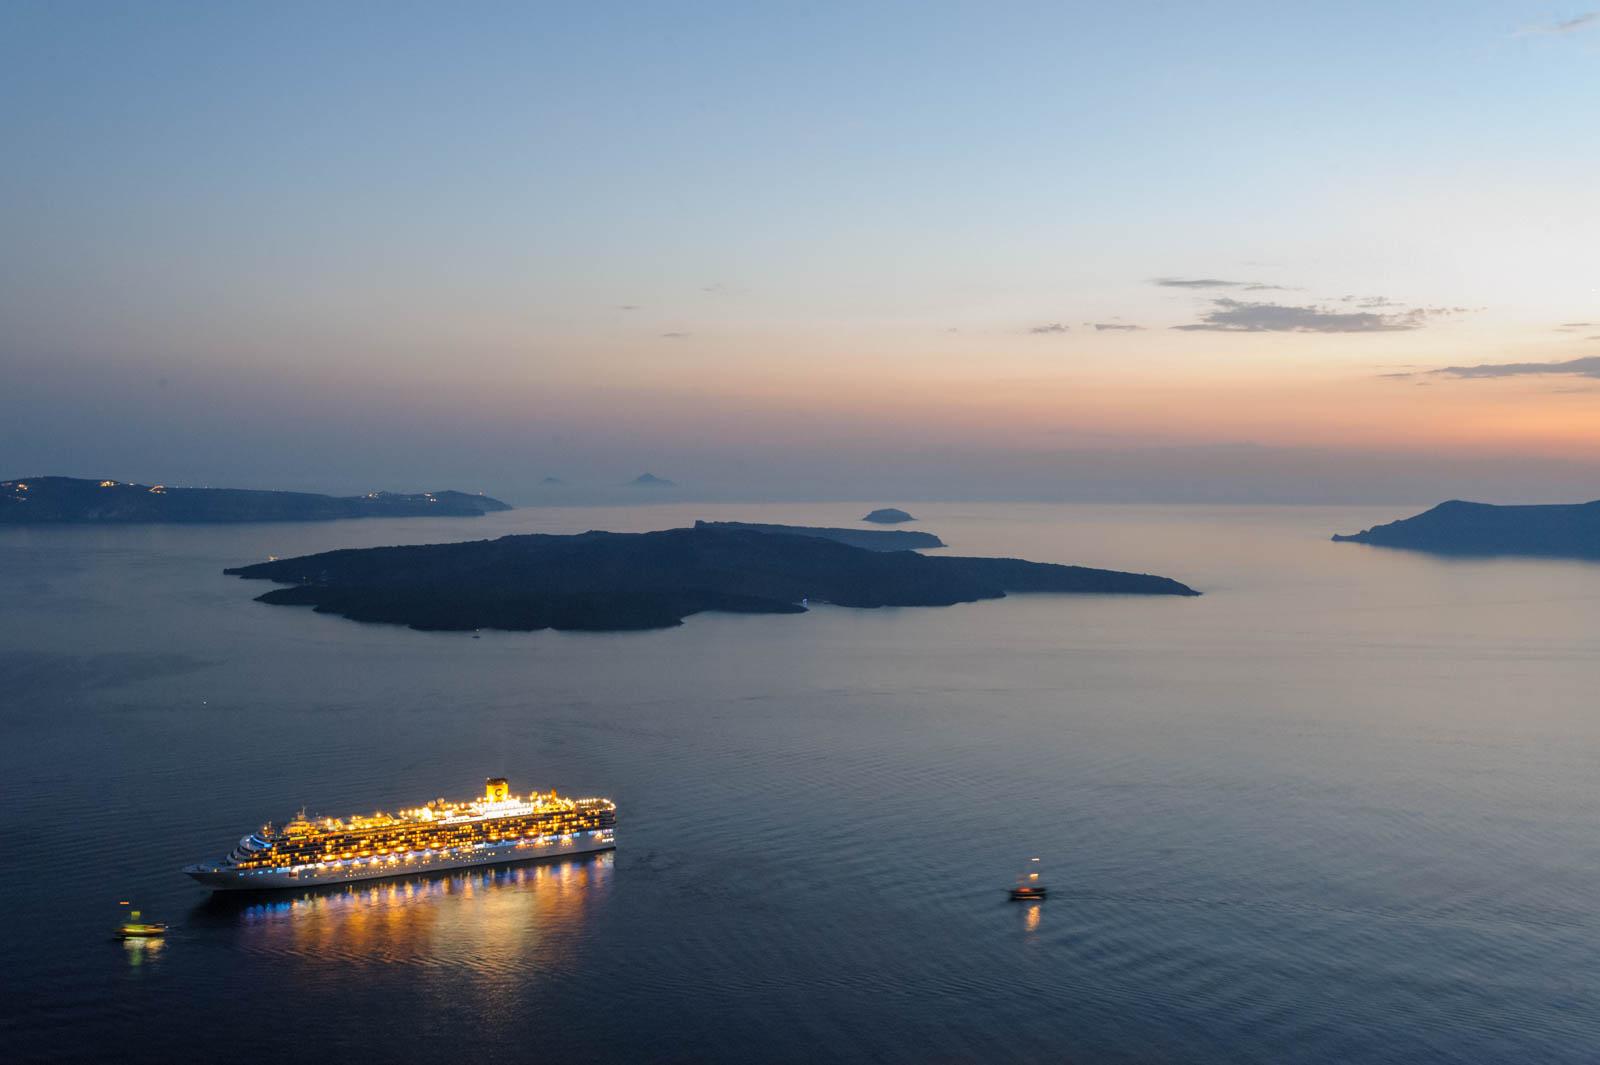 Cruise liner Costa Deliziosa and Nea Kameni